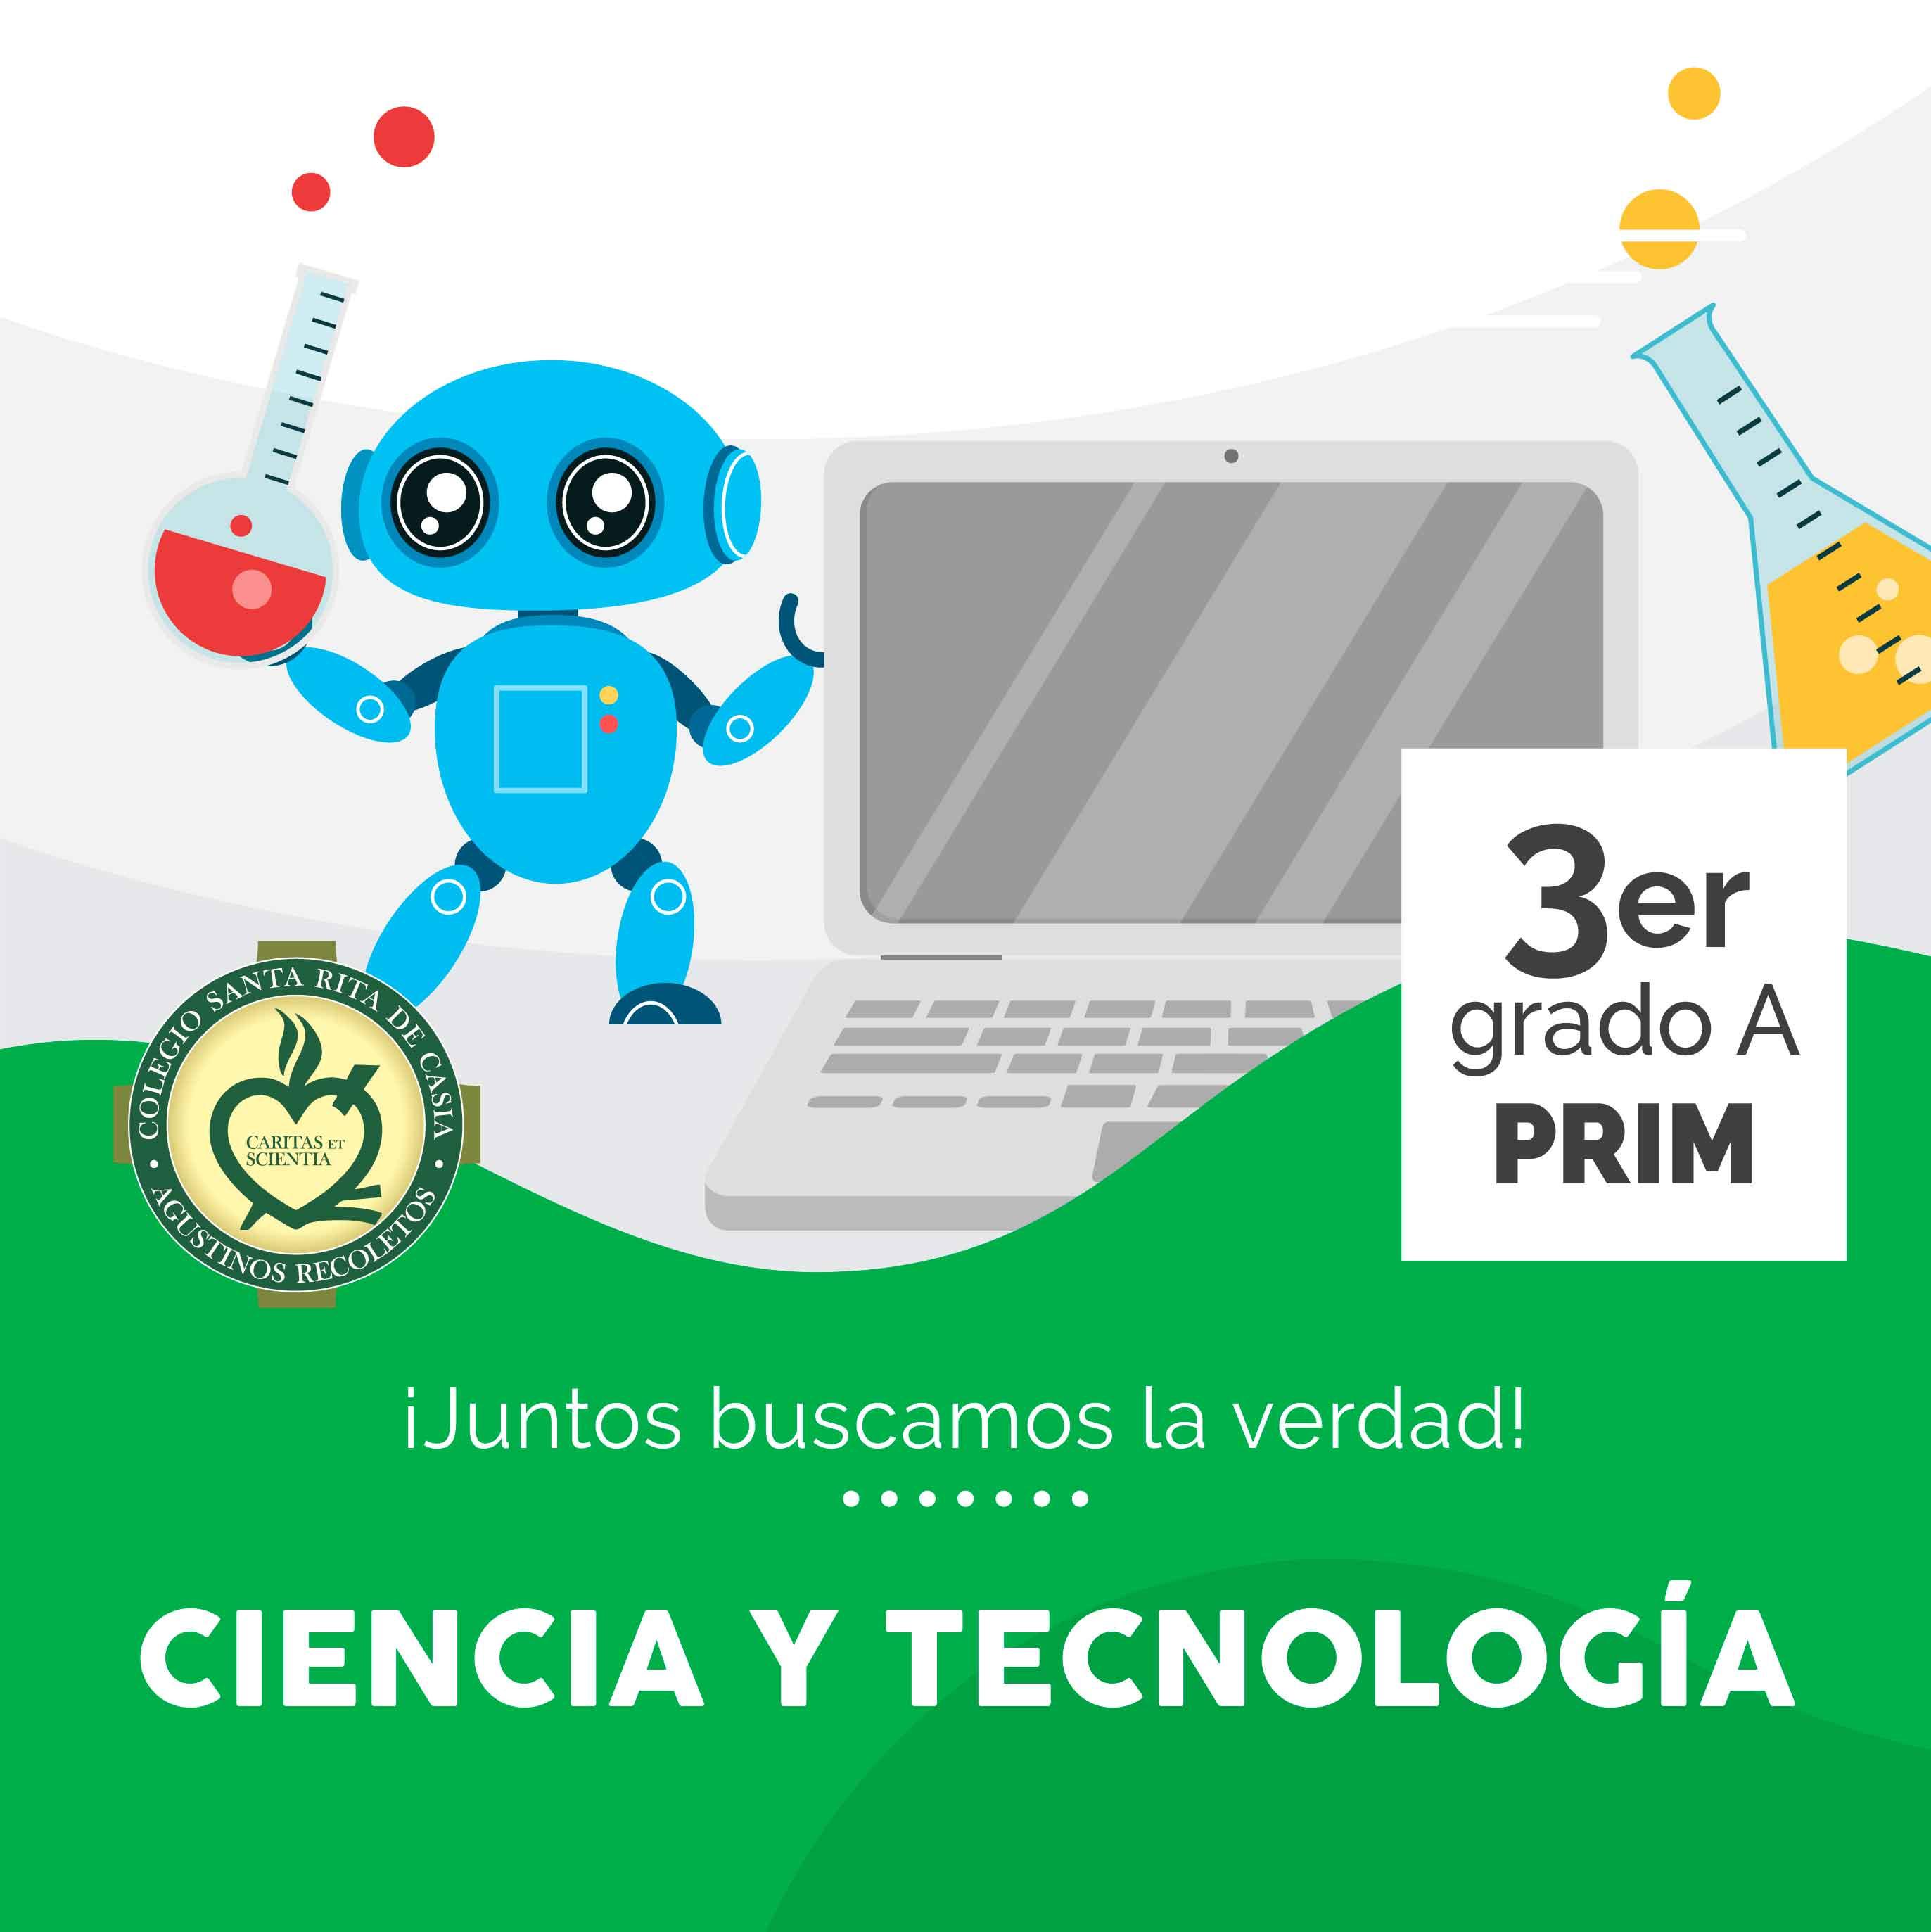 Ciencia y Tecnología 3er Grado A